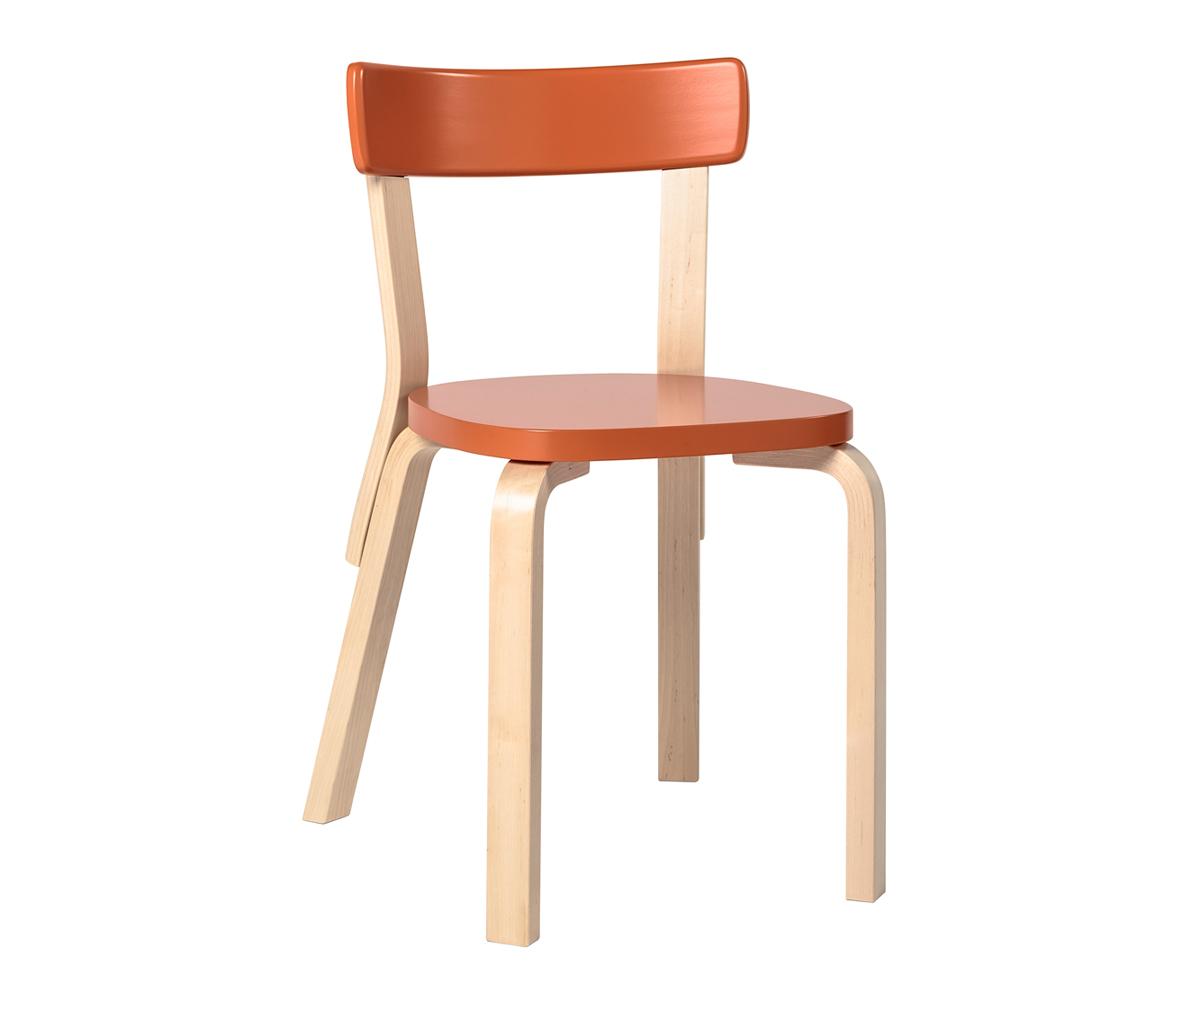 Artek 69 tuoli, koivu oranssi  Vepsäläinen